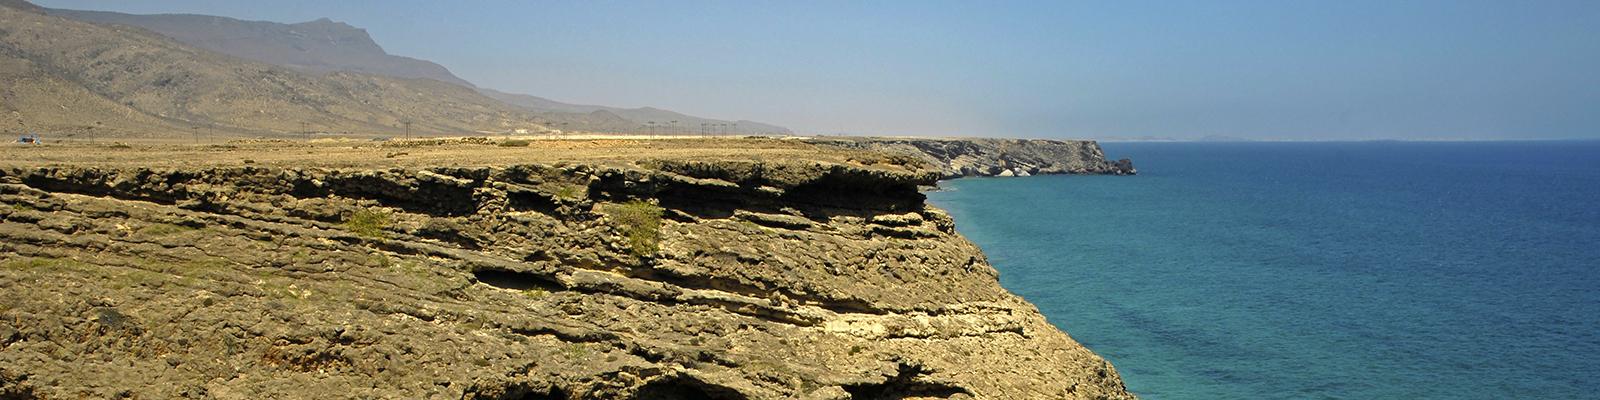 Eastern Dhofar, Oman